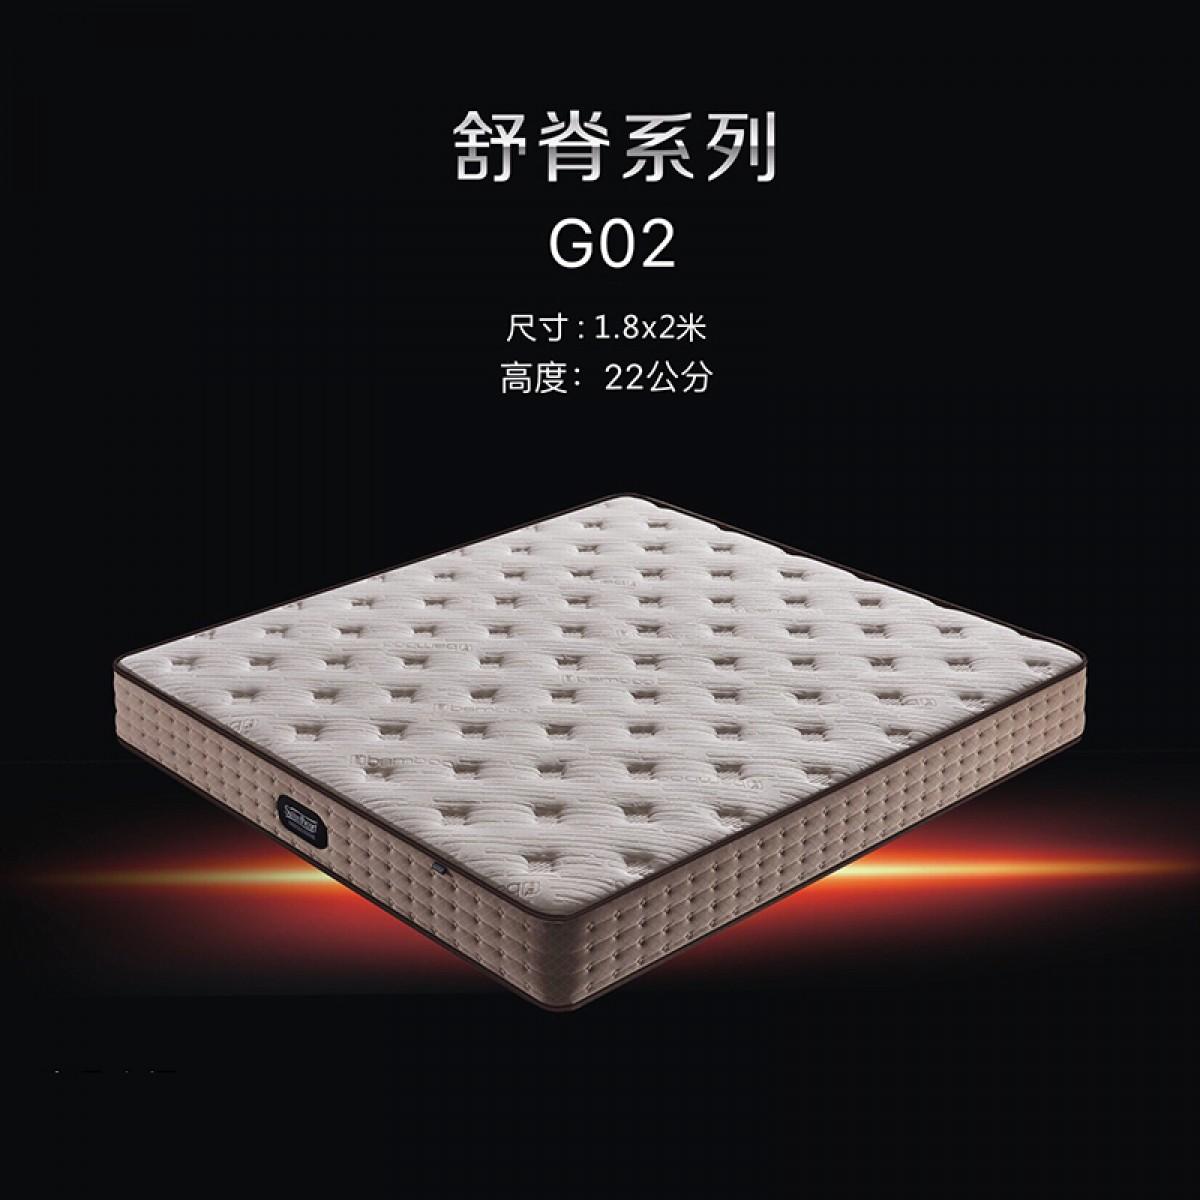 席梦思Sweetheart 床垫 G02